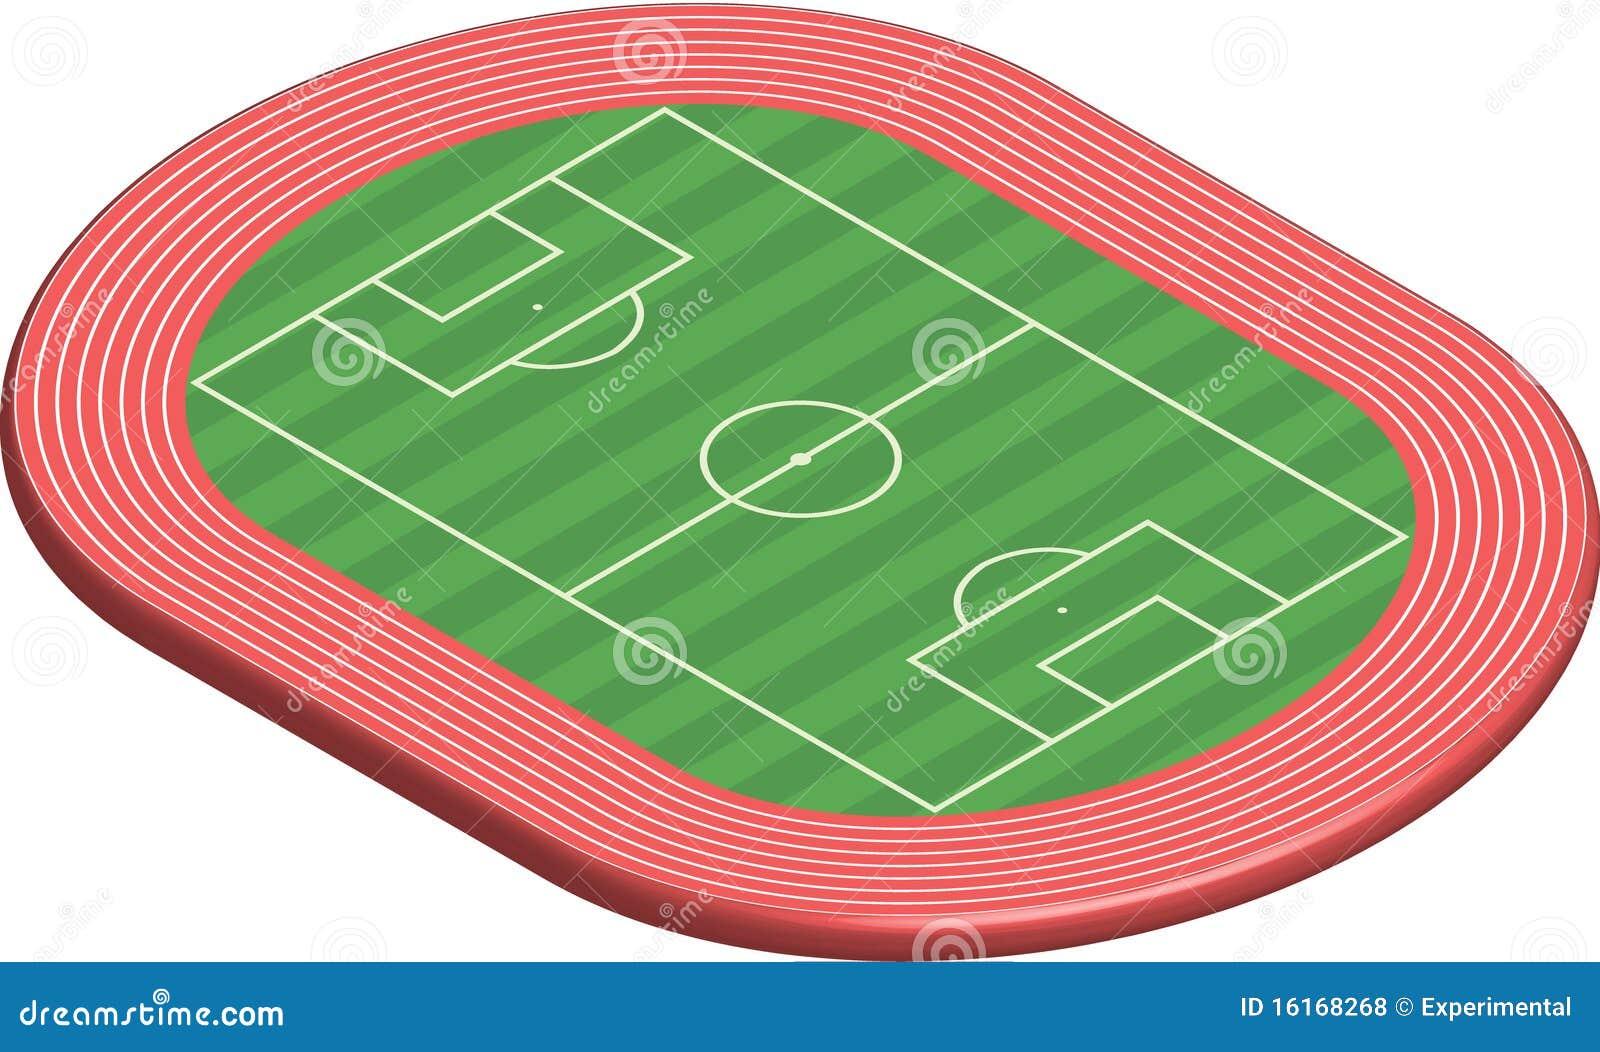 lancement dimensionnel du terrain de football 3 illustration de vecteur illustration du grille. Black Bedroom Furniture Sets. Home Design Ideas